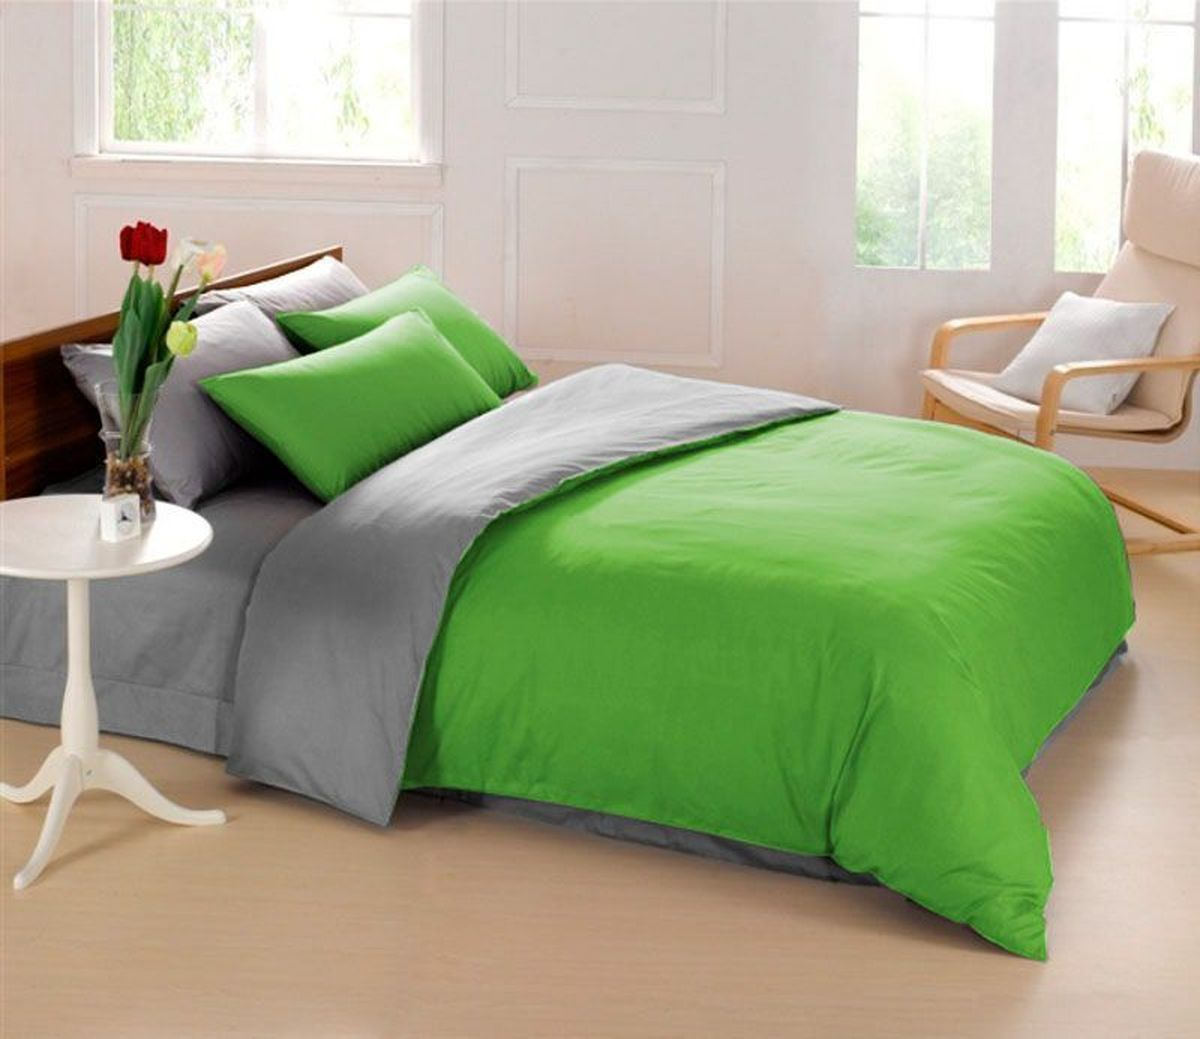 Комплект белья Sleep iX Perfection, семейный, наволочки 50х70, 70х70,цвет: зеленый, серыйpva215435Комплект постельного белья Sleep iX Perfection состоит из двух пододеяльников, простыни и четырех наволочек. Предметы комплекта выполнены из абсолютно гипоаллергенной микрофибры, неприхотливой в уходе.Благодаря такому комплекту постельного белья вы сможете создать атмосферу уюта и комфорта в вашей спальне.Известно, что цвет напрямую воздействует на психологическое и физическое состояние человека. Зеленый - успокаивающий, нейтральный, мягкий цвет. Нормализует деятельность сердечно-сосудистой системы, успокаивает сильное сердцебиение, стабилизирует артериальное давление и функции нервной системы.Серый – нейтральный цвет. Расслабляет, помогает успокоиться и способствует здоровому сну. Усиливает воздействие соседствующих цветов.